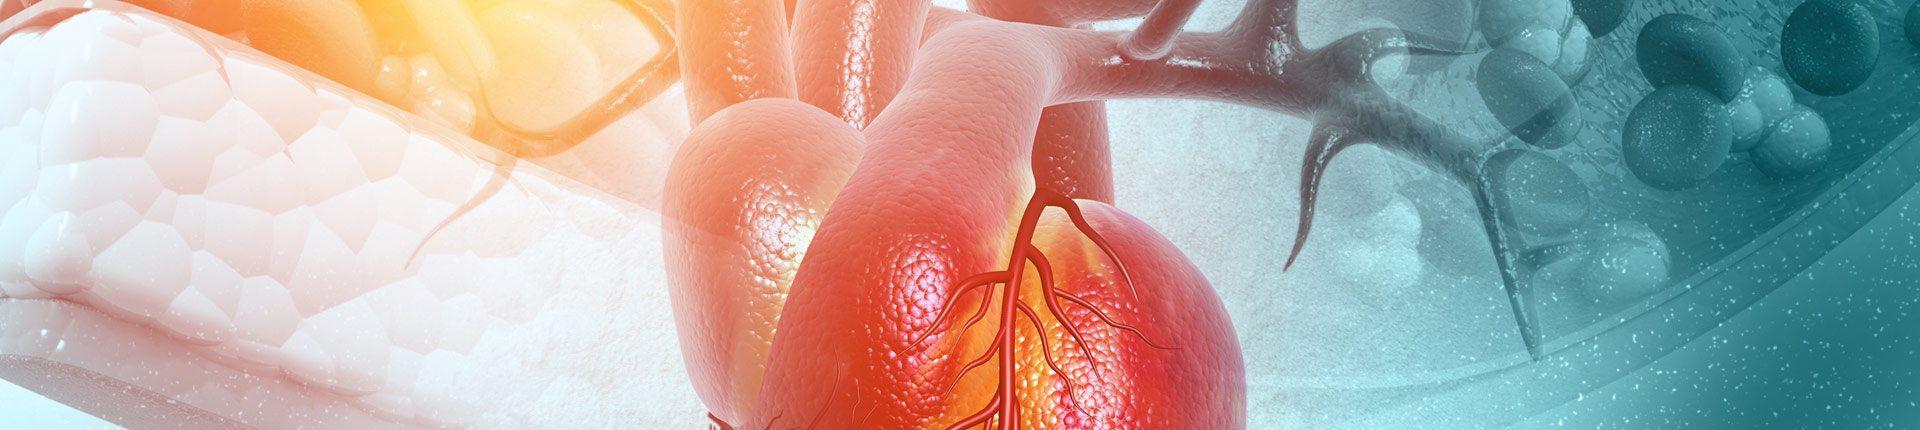 Niskie stężenie estradiolu związane z chorobą wieńcową u mężczyzn